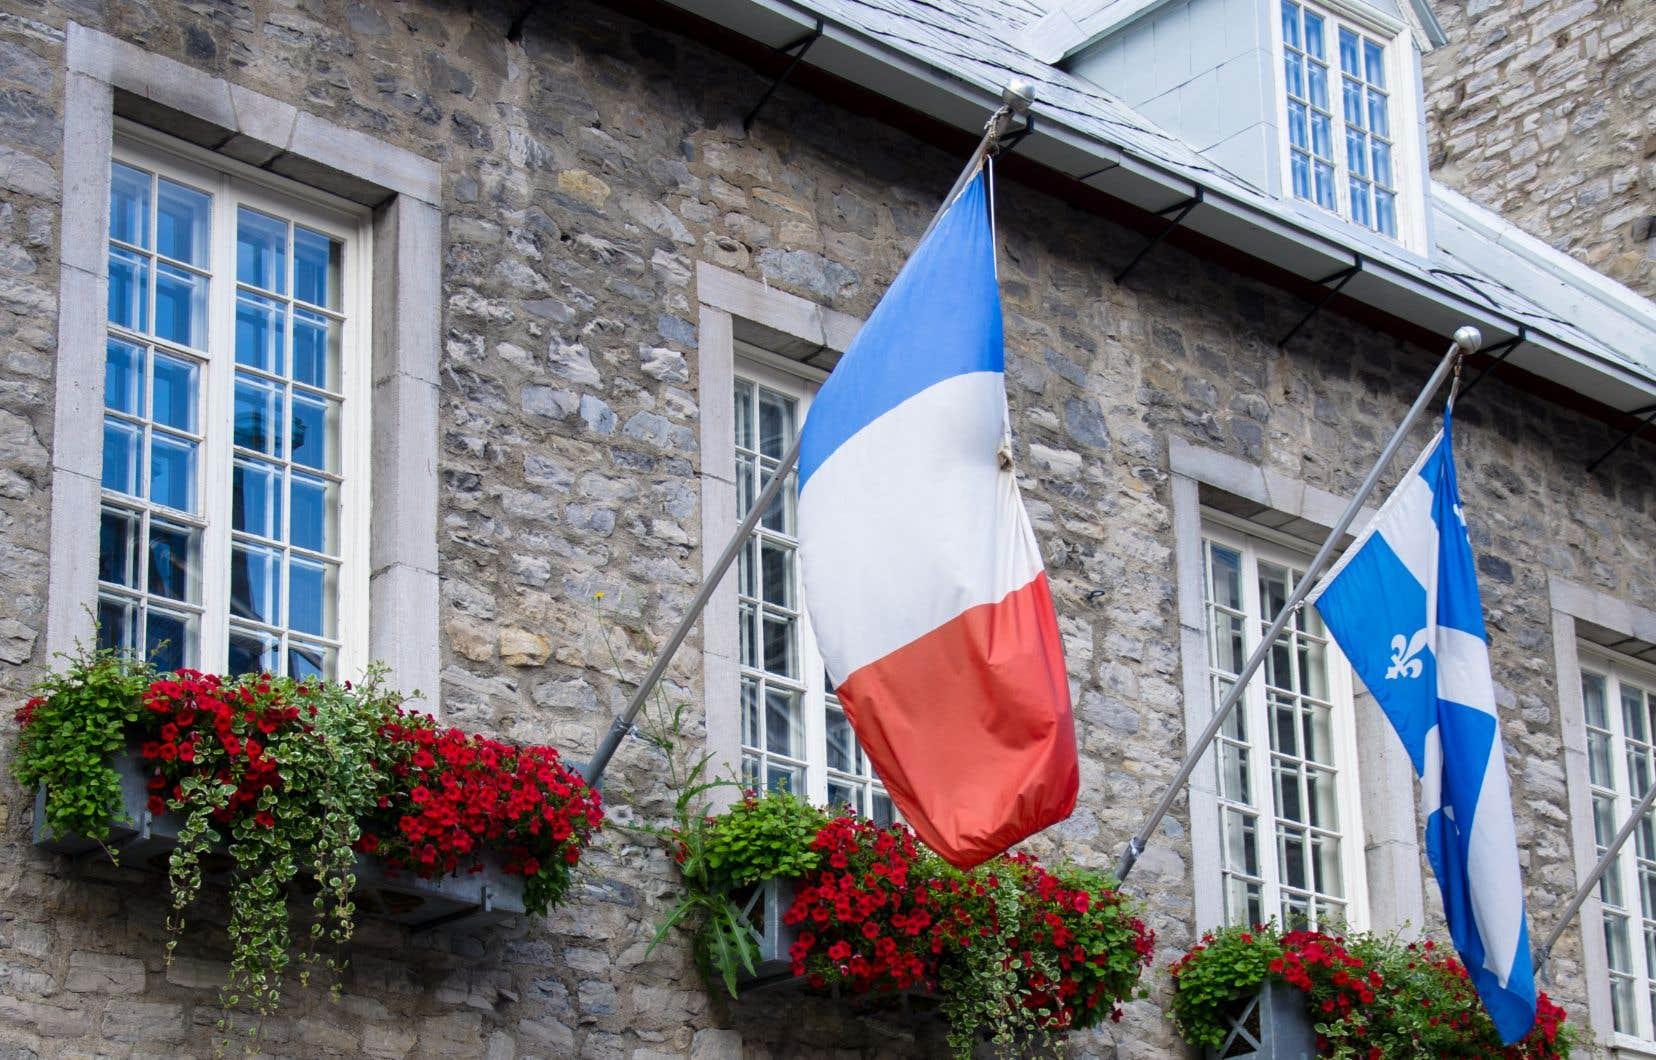 Le Québec et la France partagent  une langue et plusieurs valeurs communes, ce qui facilite l'établissement de relations solides.Le Québec et la France partagent une langue et plusieurs valeurs communes, ce qui facilite l'établissement de relations solides.